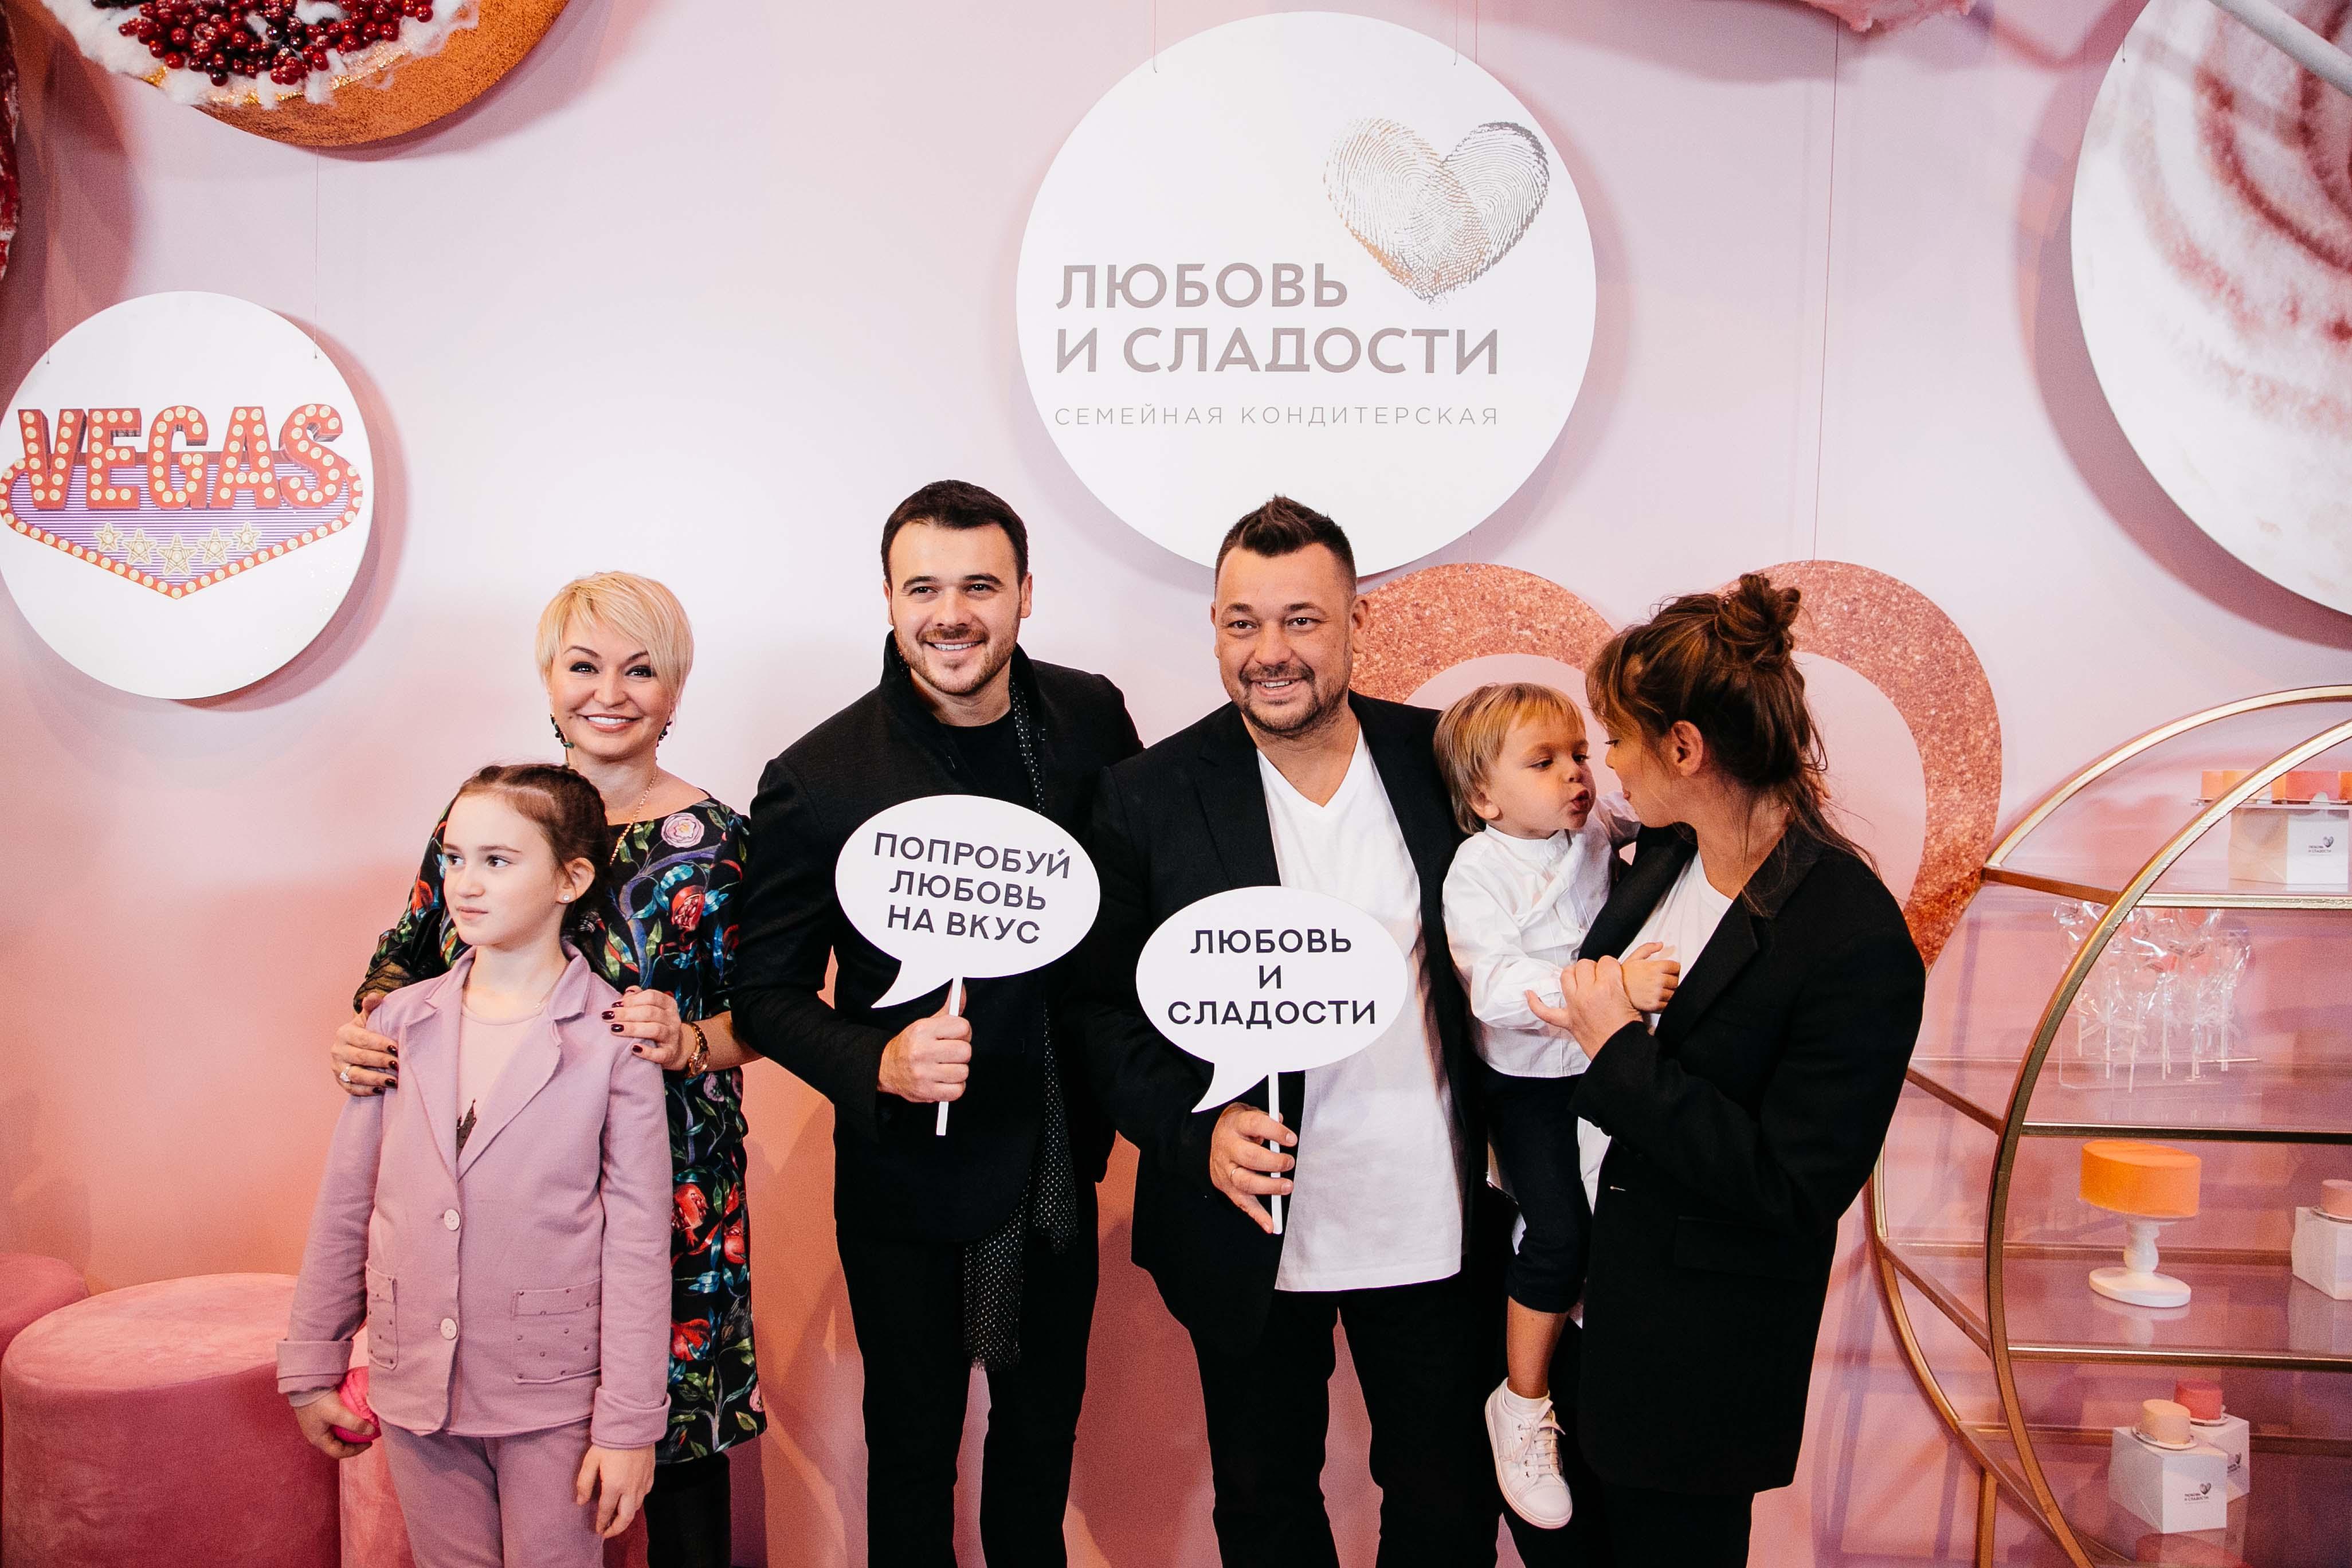 Открытие кондитерской Сергея Жукова и Регины Бурд «Любовь и сладости» в ТРК VEGAS Крокус Сити